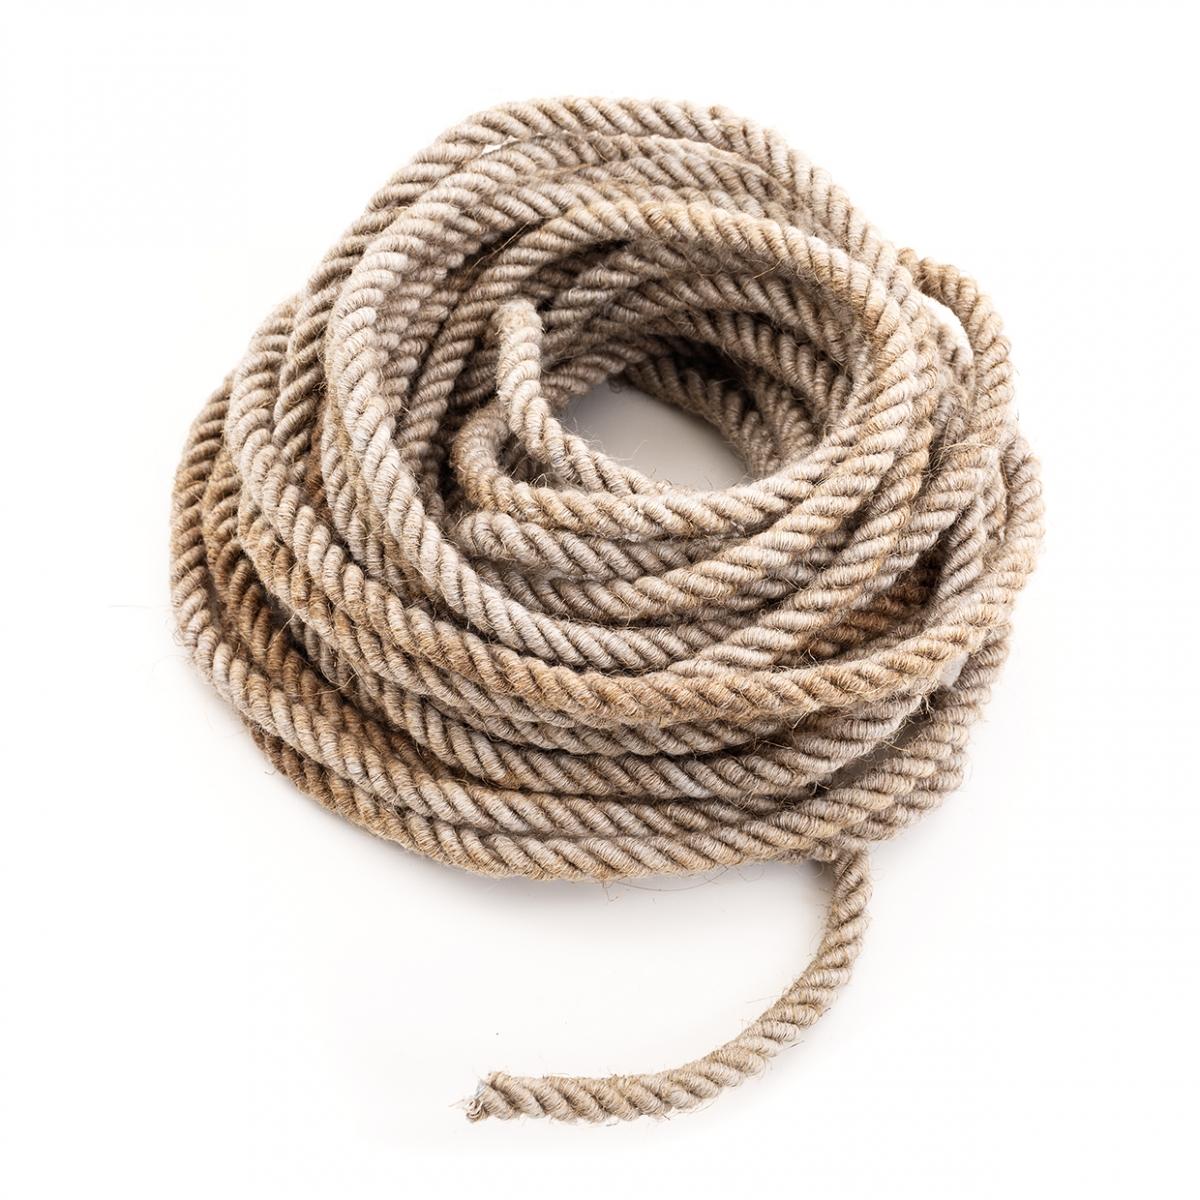 Imagen en la que se ve una cuerda